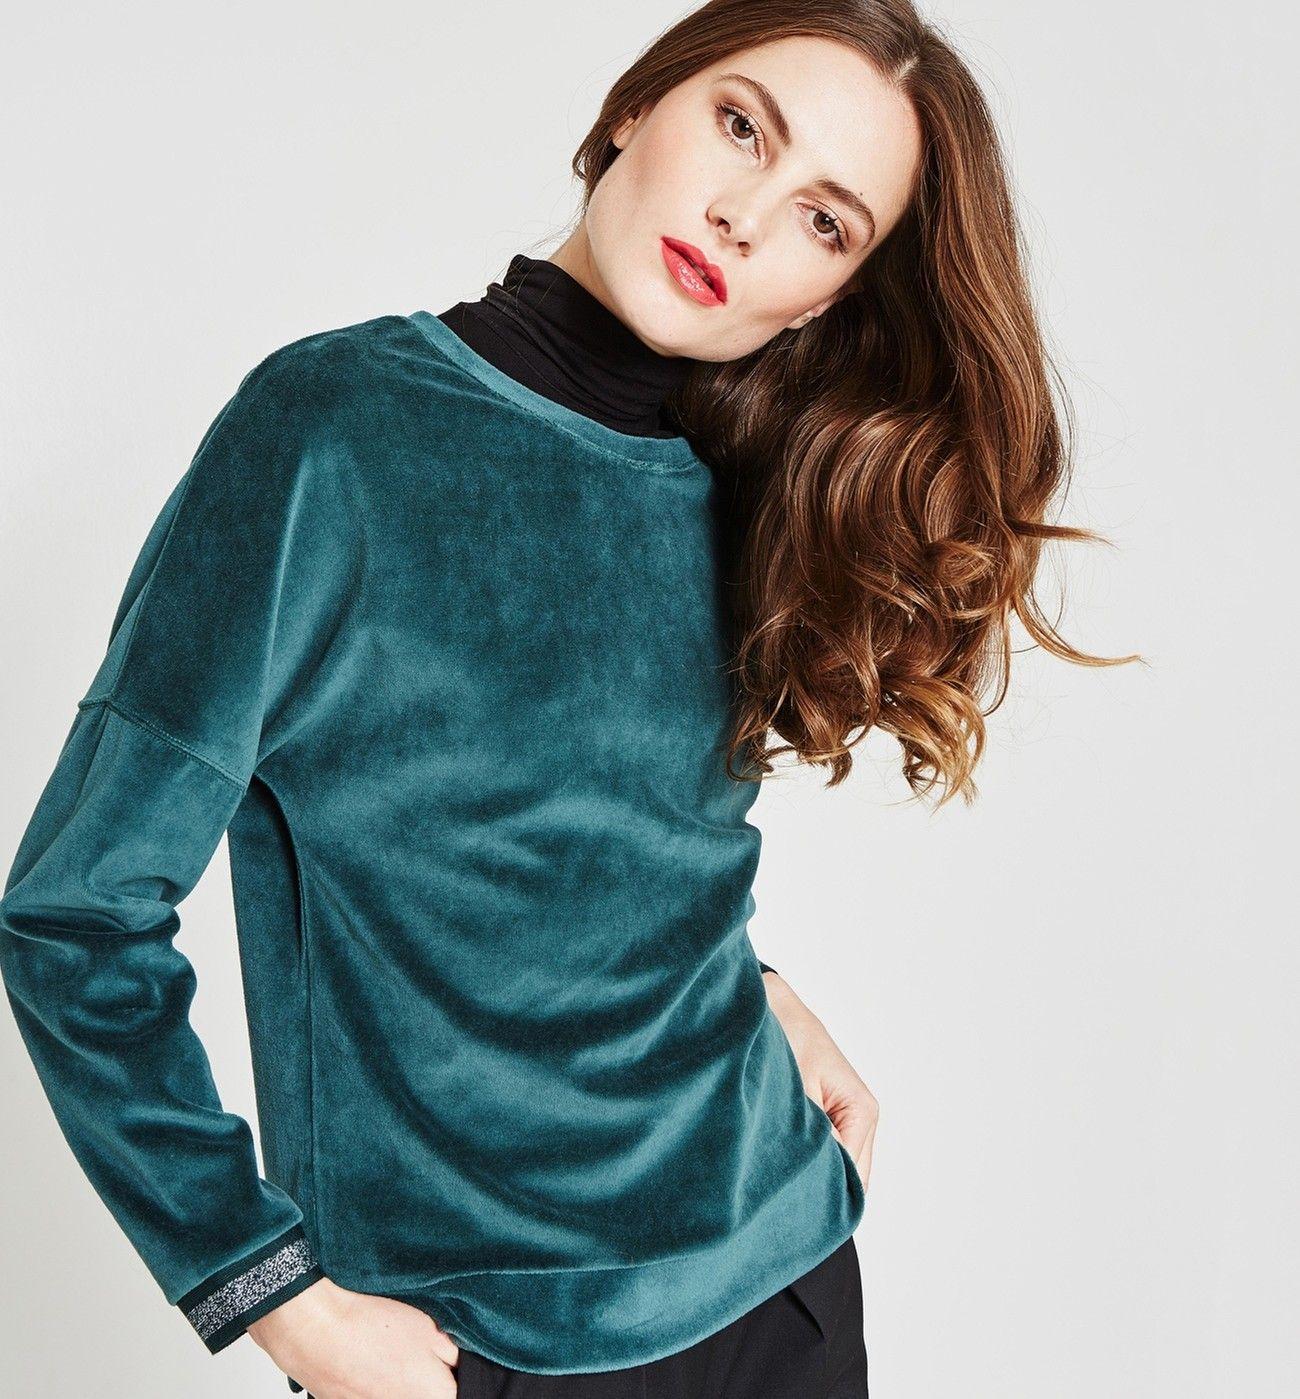 222a1d40e01b60 Sweat-shirt en velours éponge - Vert émeraude - Pulls et gilets ...